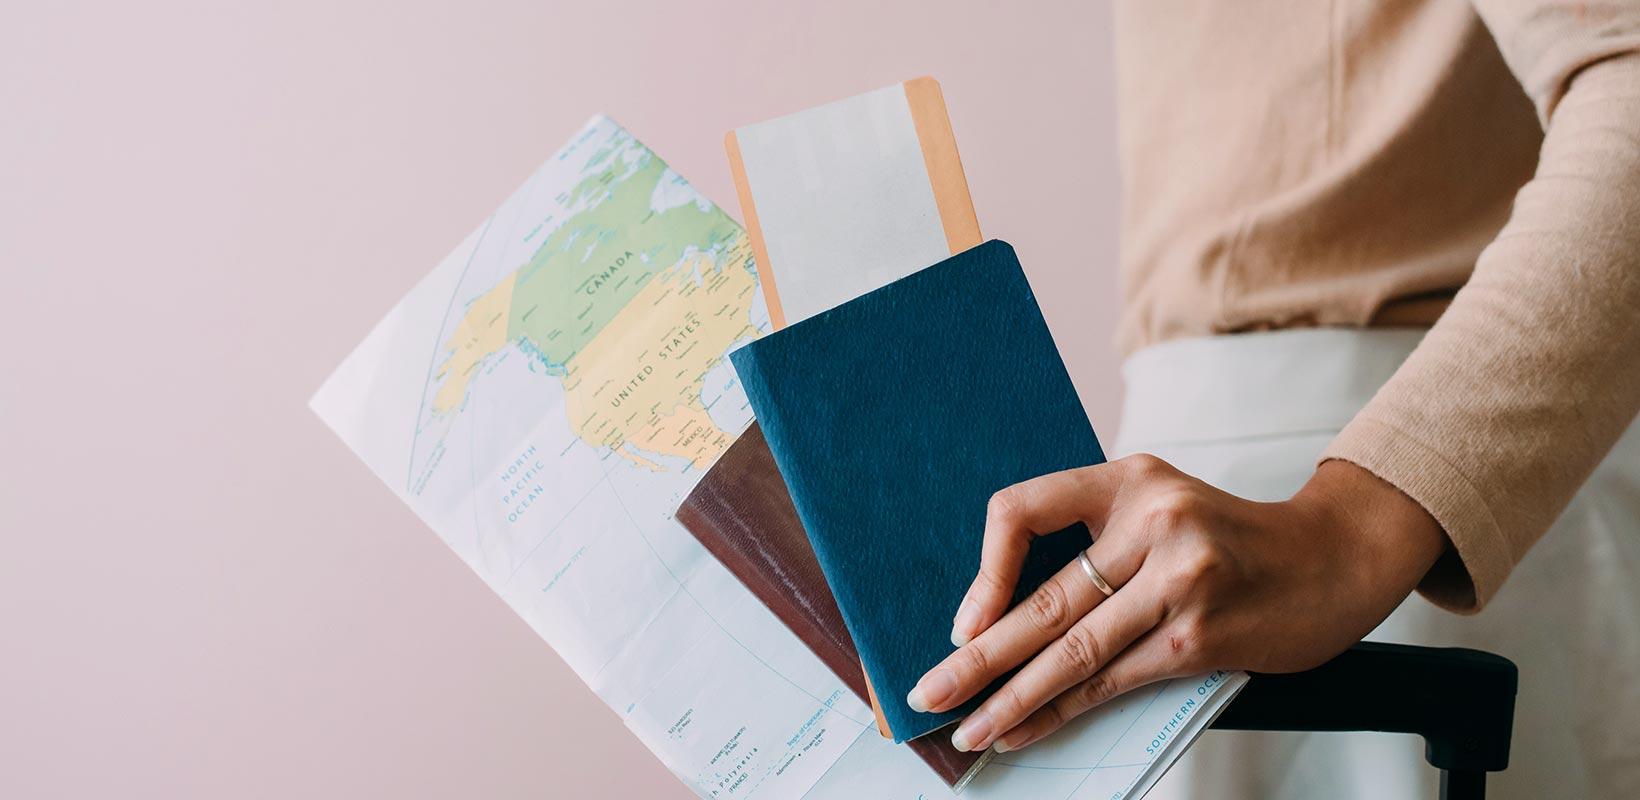 reisbijstandsverzekering